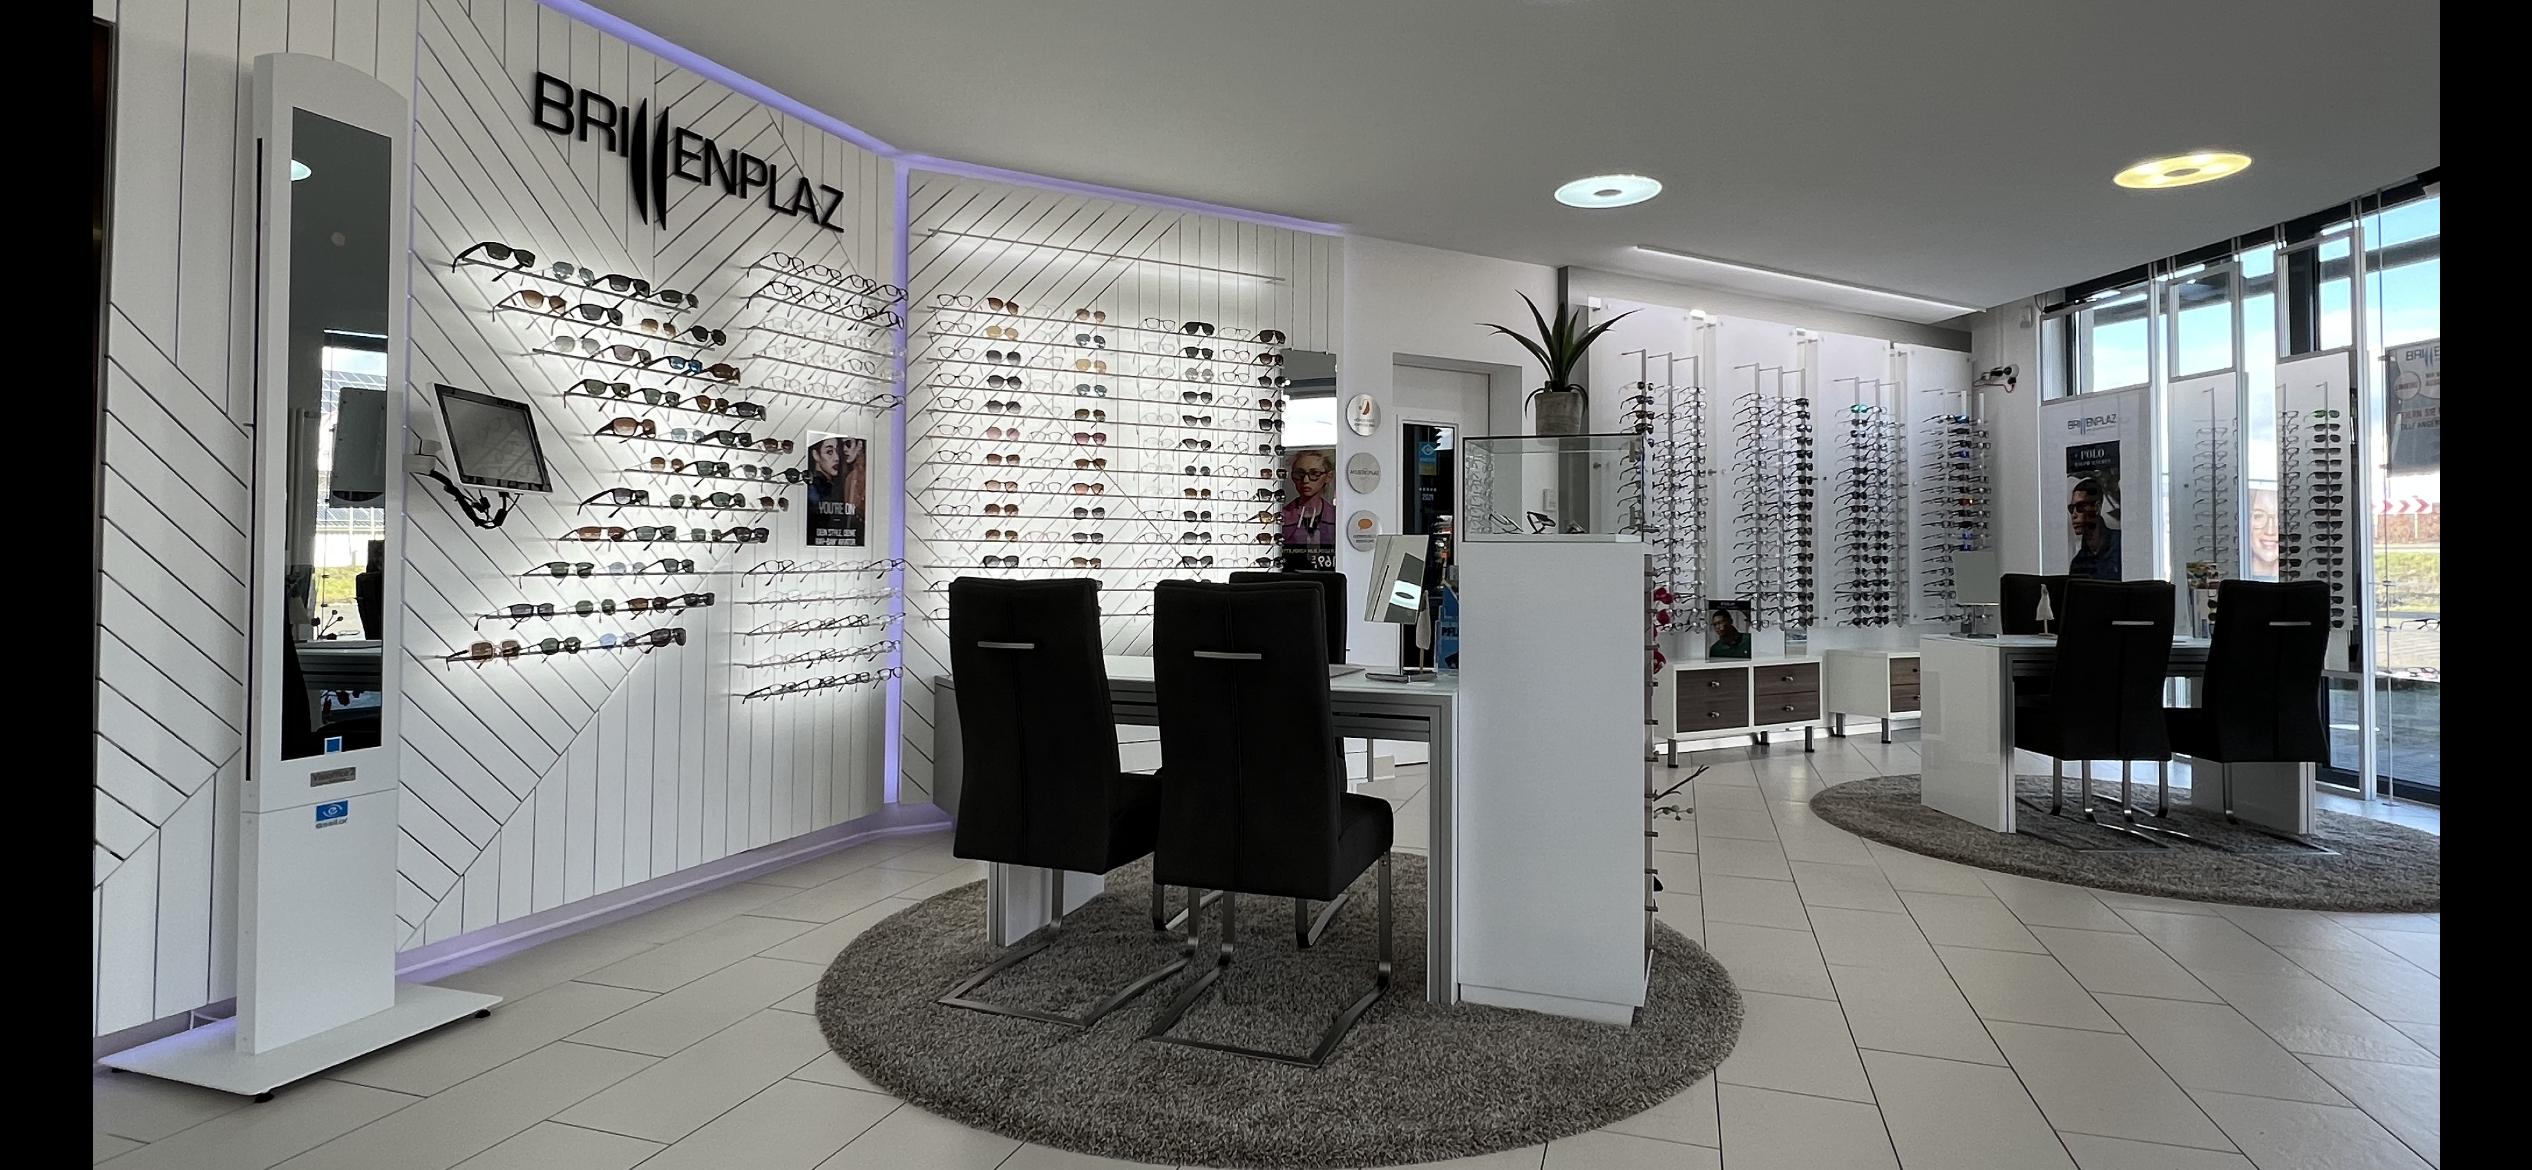 Brillen Plaz Beselich, Store, Innenansicht